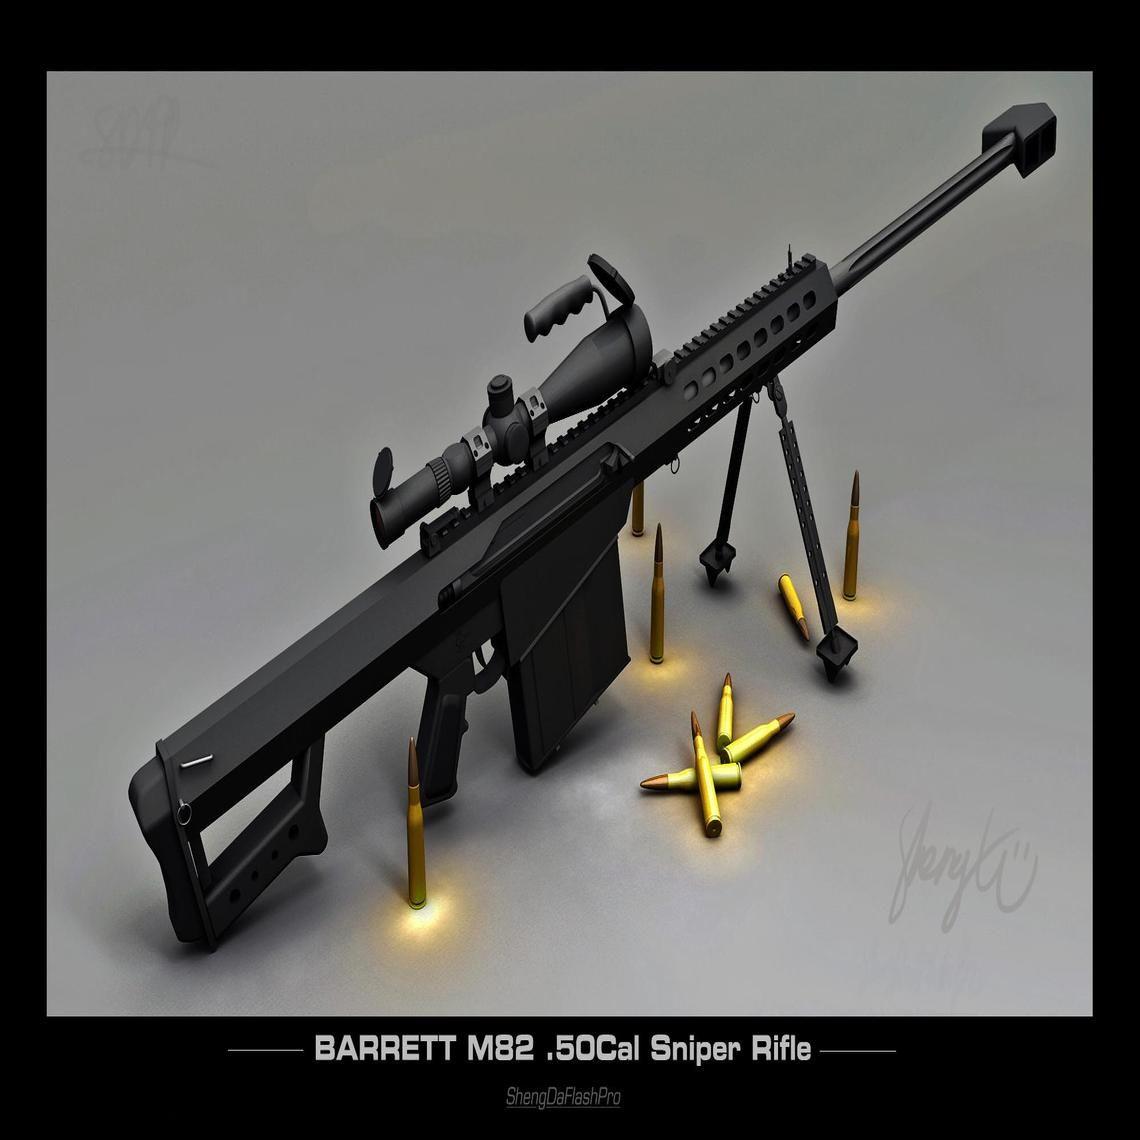 barrett m82 50 cal sniper rifle anti materiel rifle barrett m82